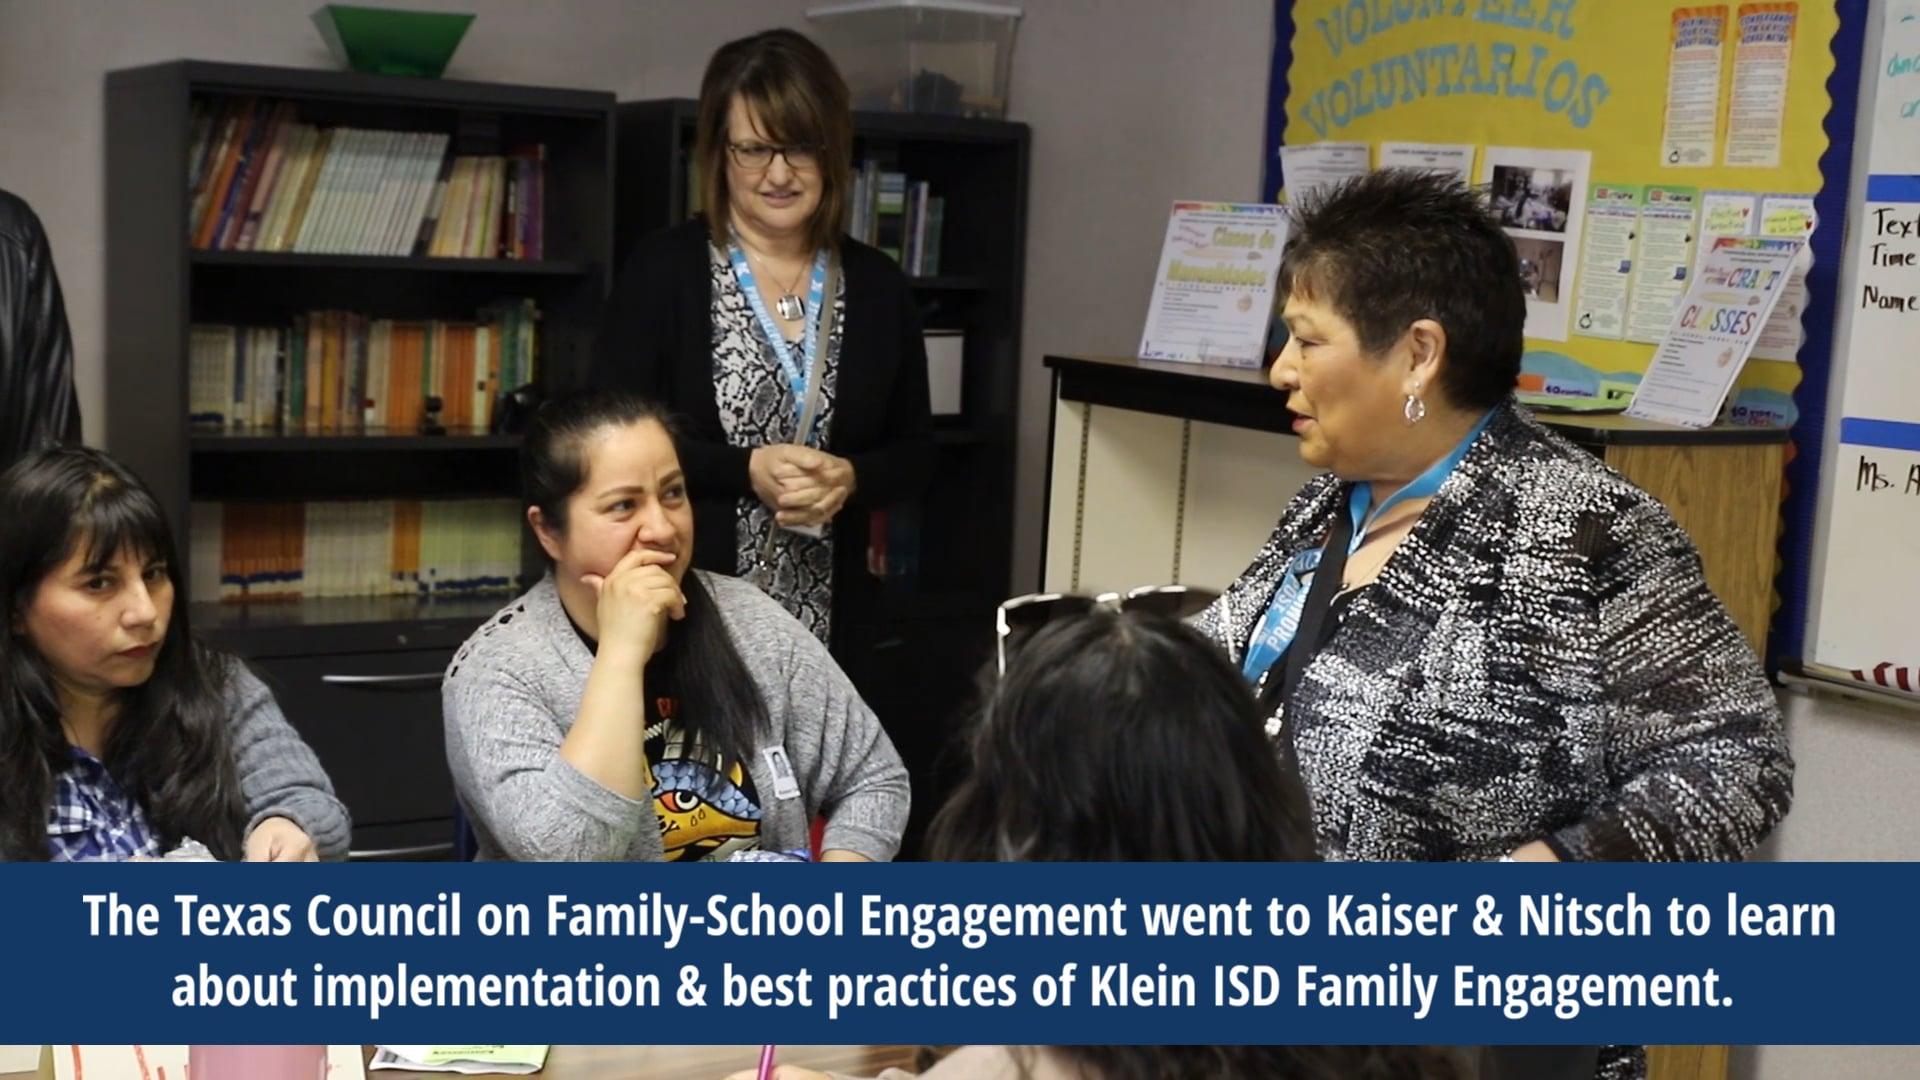 El Consejo de Texas sobre Participación Familia-Escuela visita el Distrito Escolar Independiente de Klein